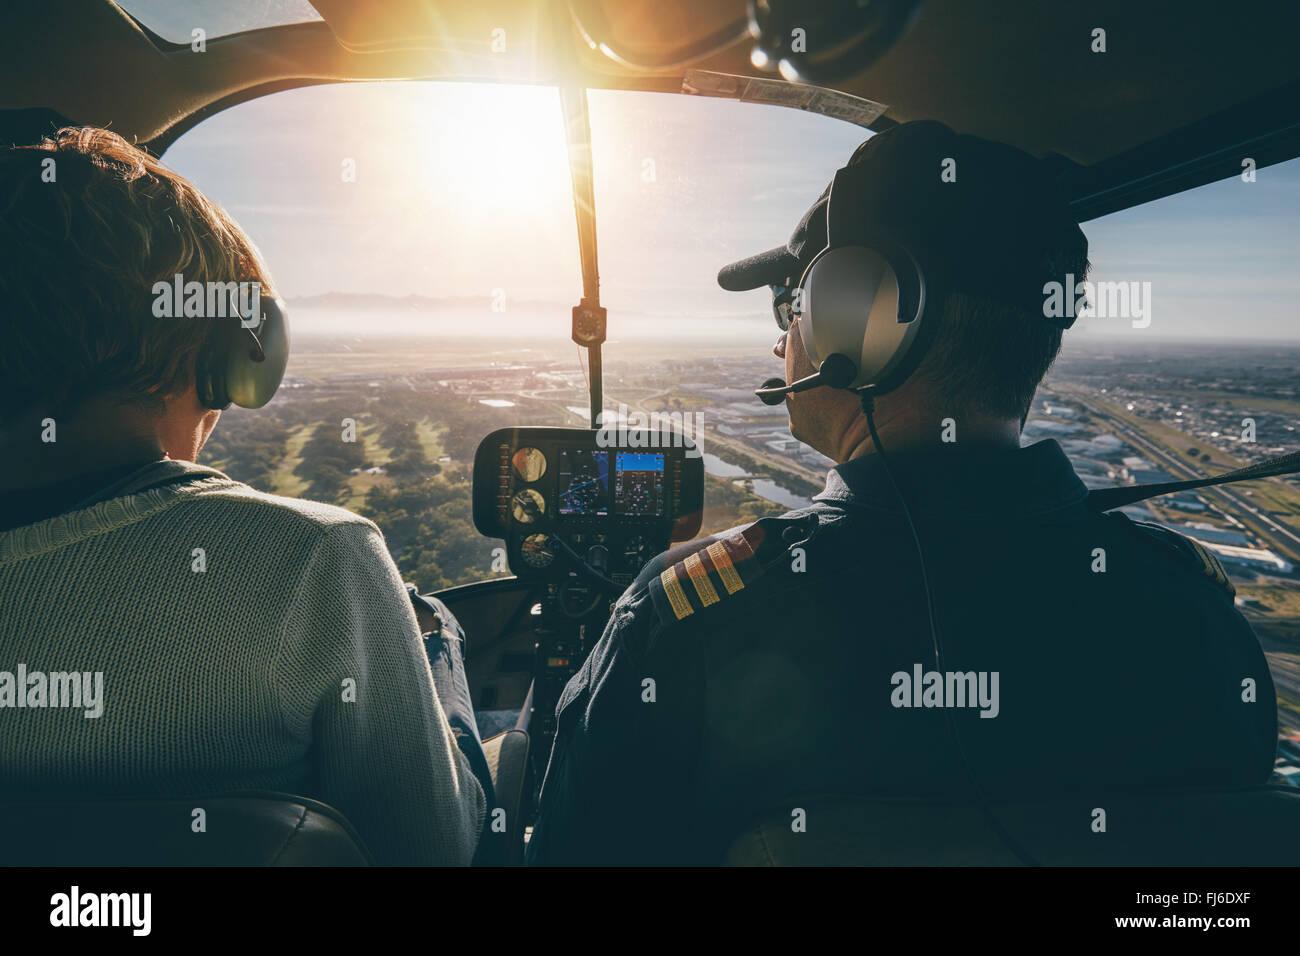 Innenansicht eines Hubschraubers im Flug, mit Mann und Frau-Piloten fliegen eines Hubschraubers an einem sonnigen Stockbild